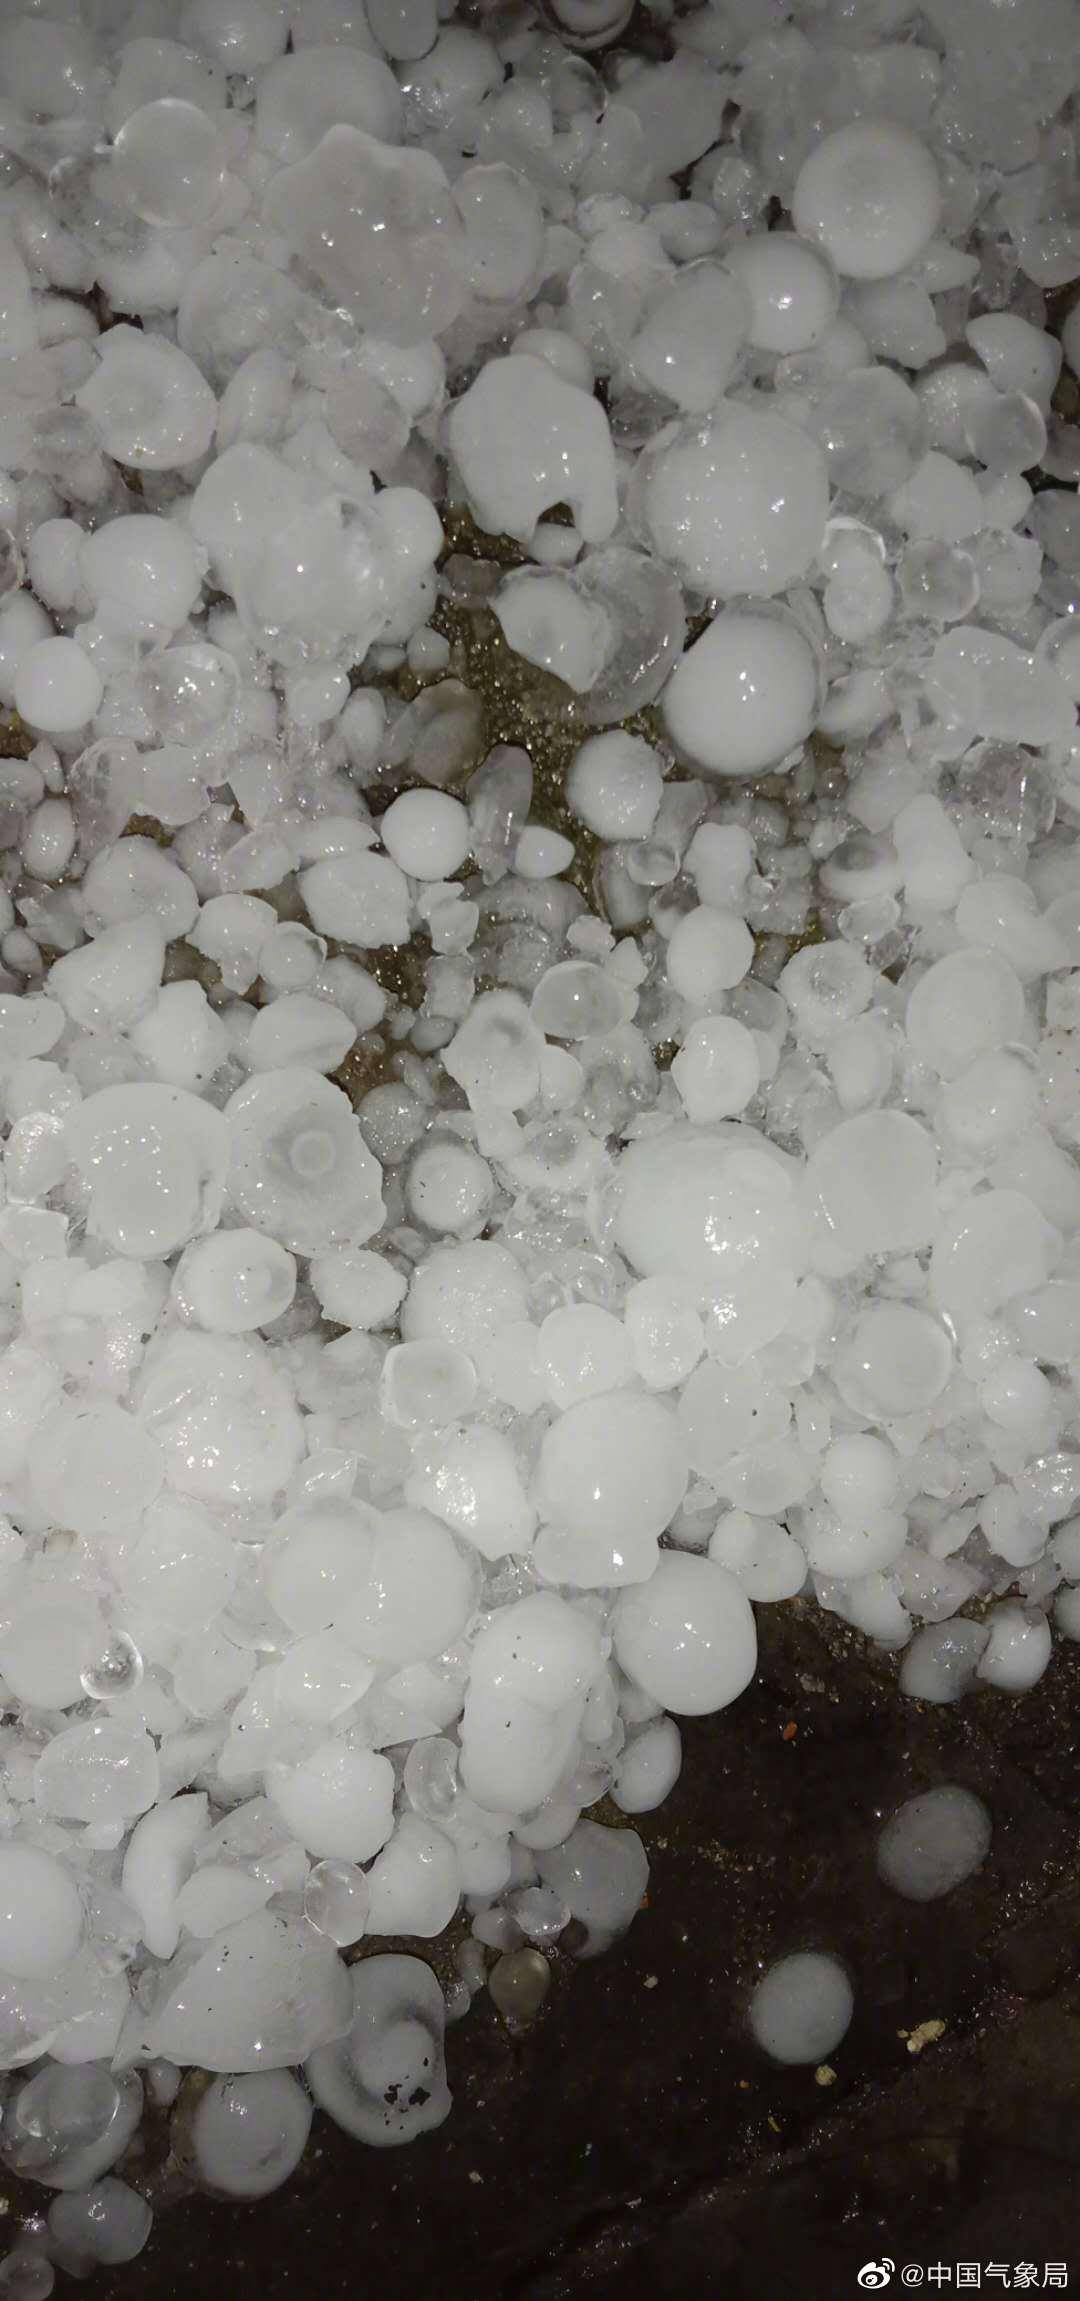 3月21日20时左右,常德市桃源县多个乡镇出现冰雹、雷雨大风等